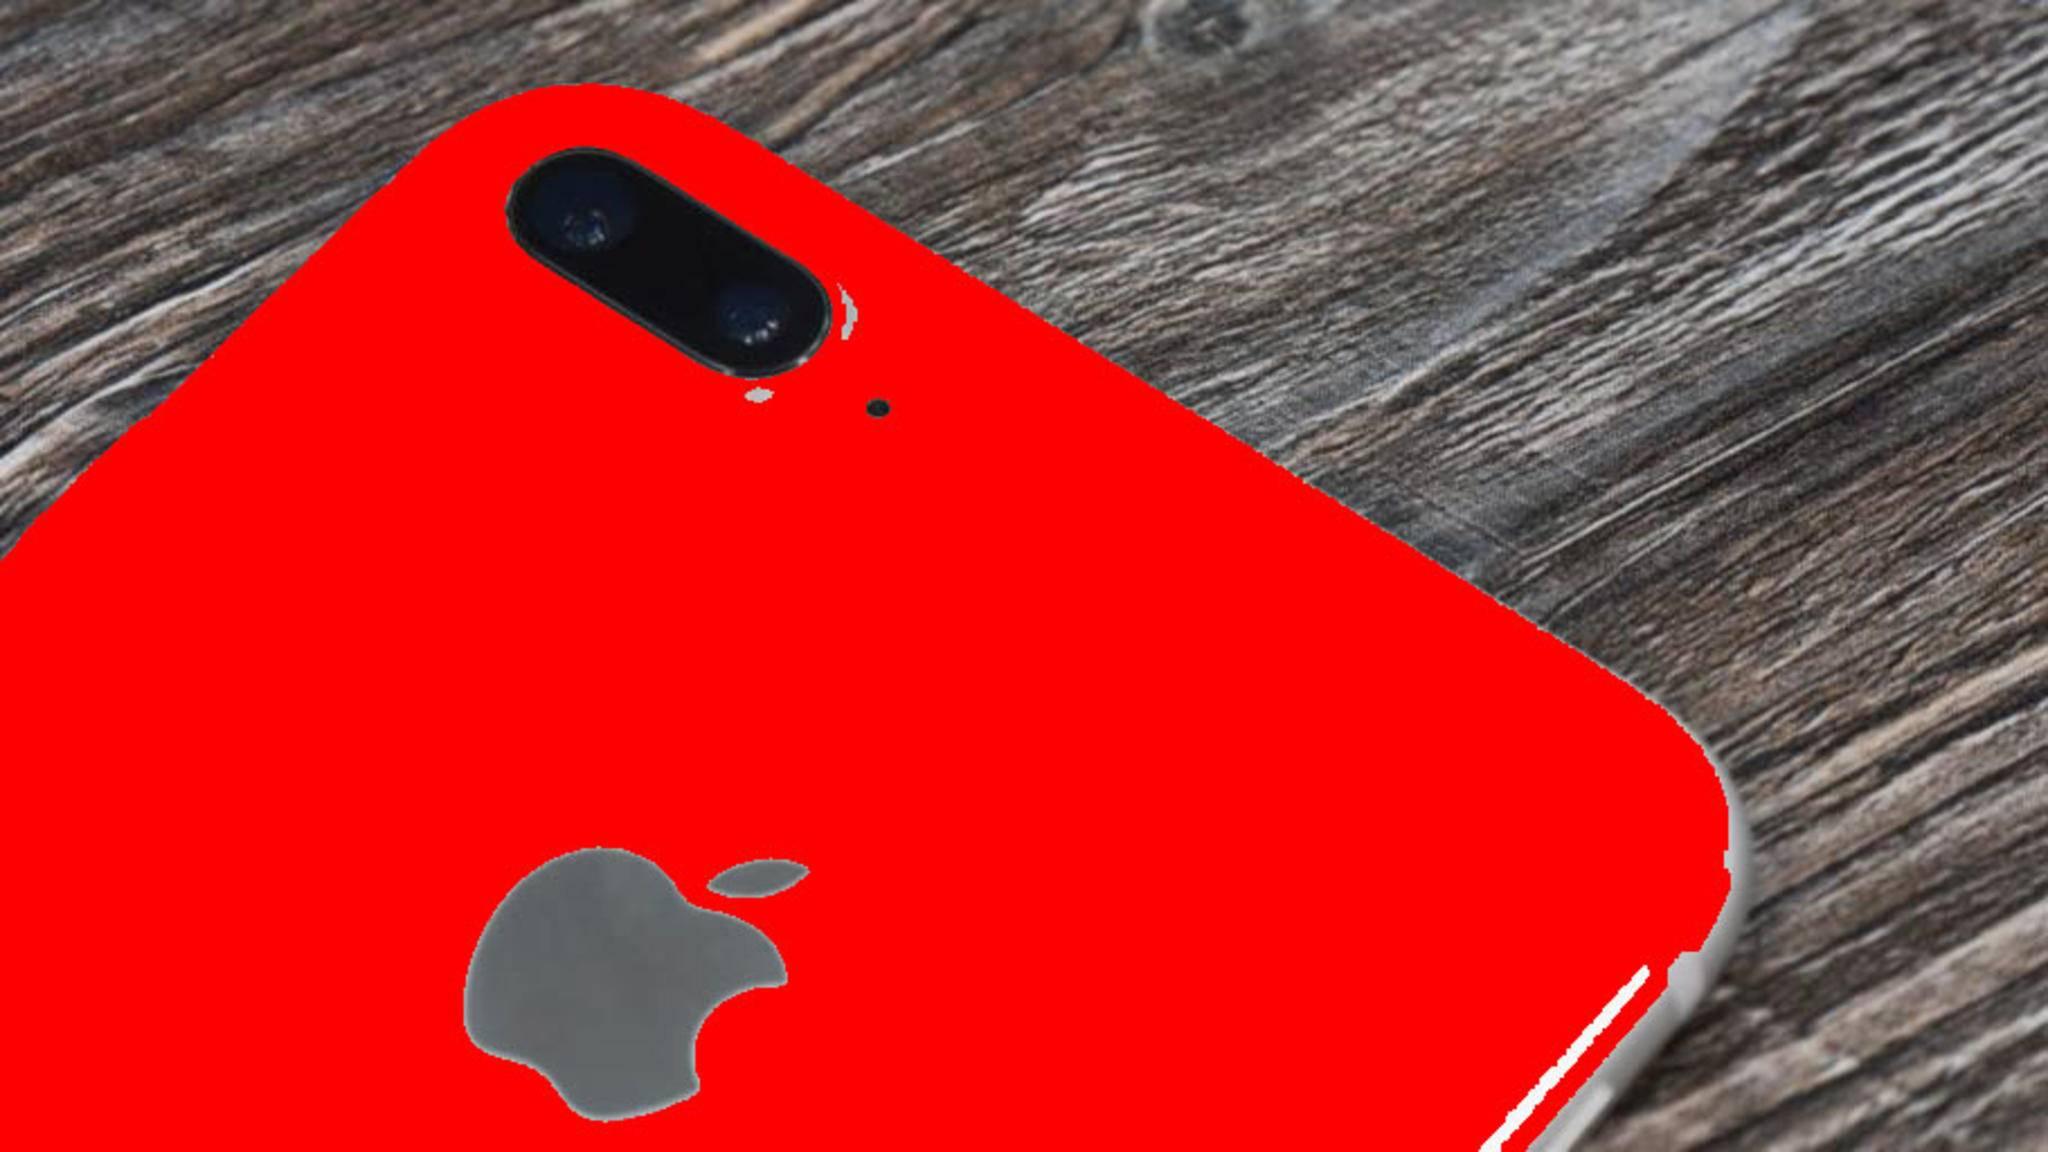 Das iPhone 7s soll auch in roter Farbe erscheinen.